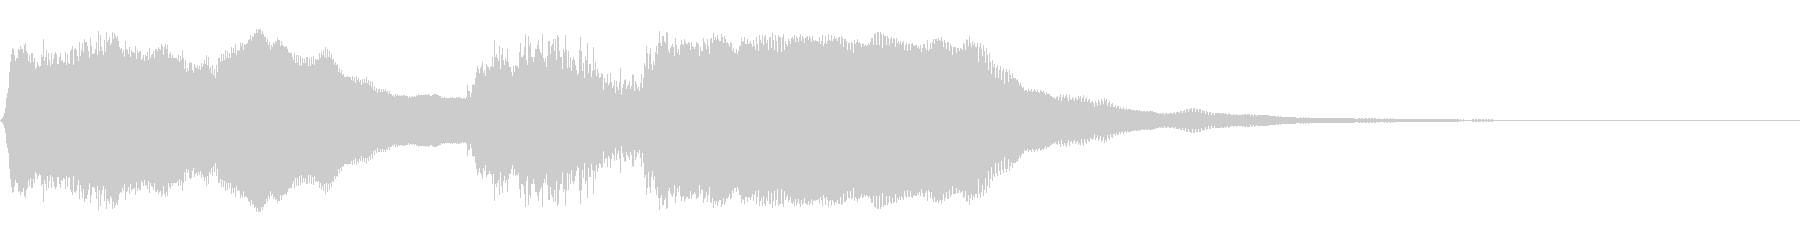 バッハの有名な「チャラリー」のジングル!の未再生の波形